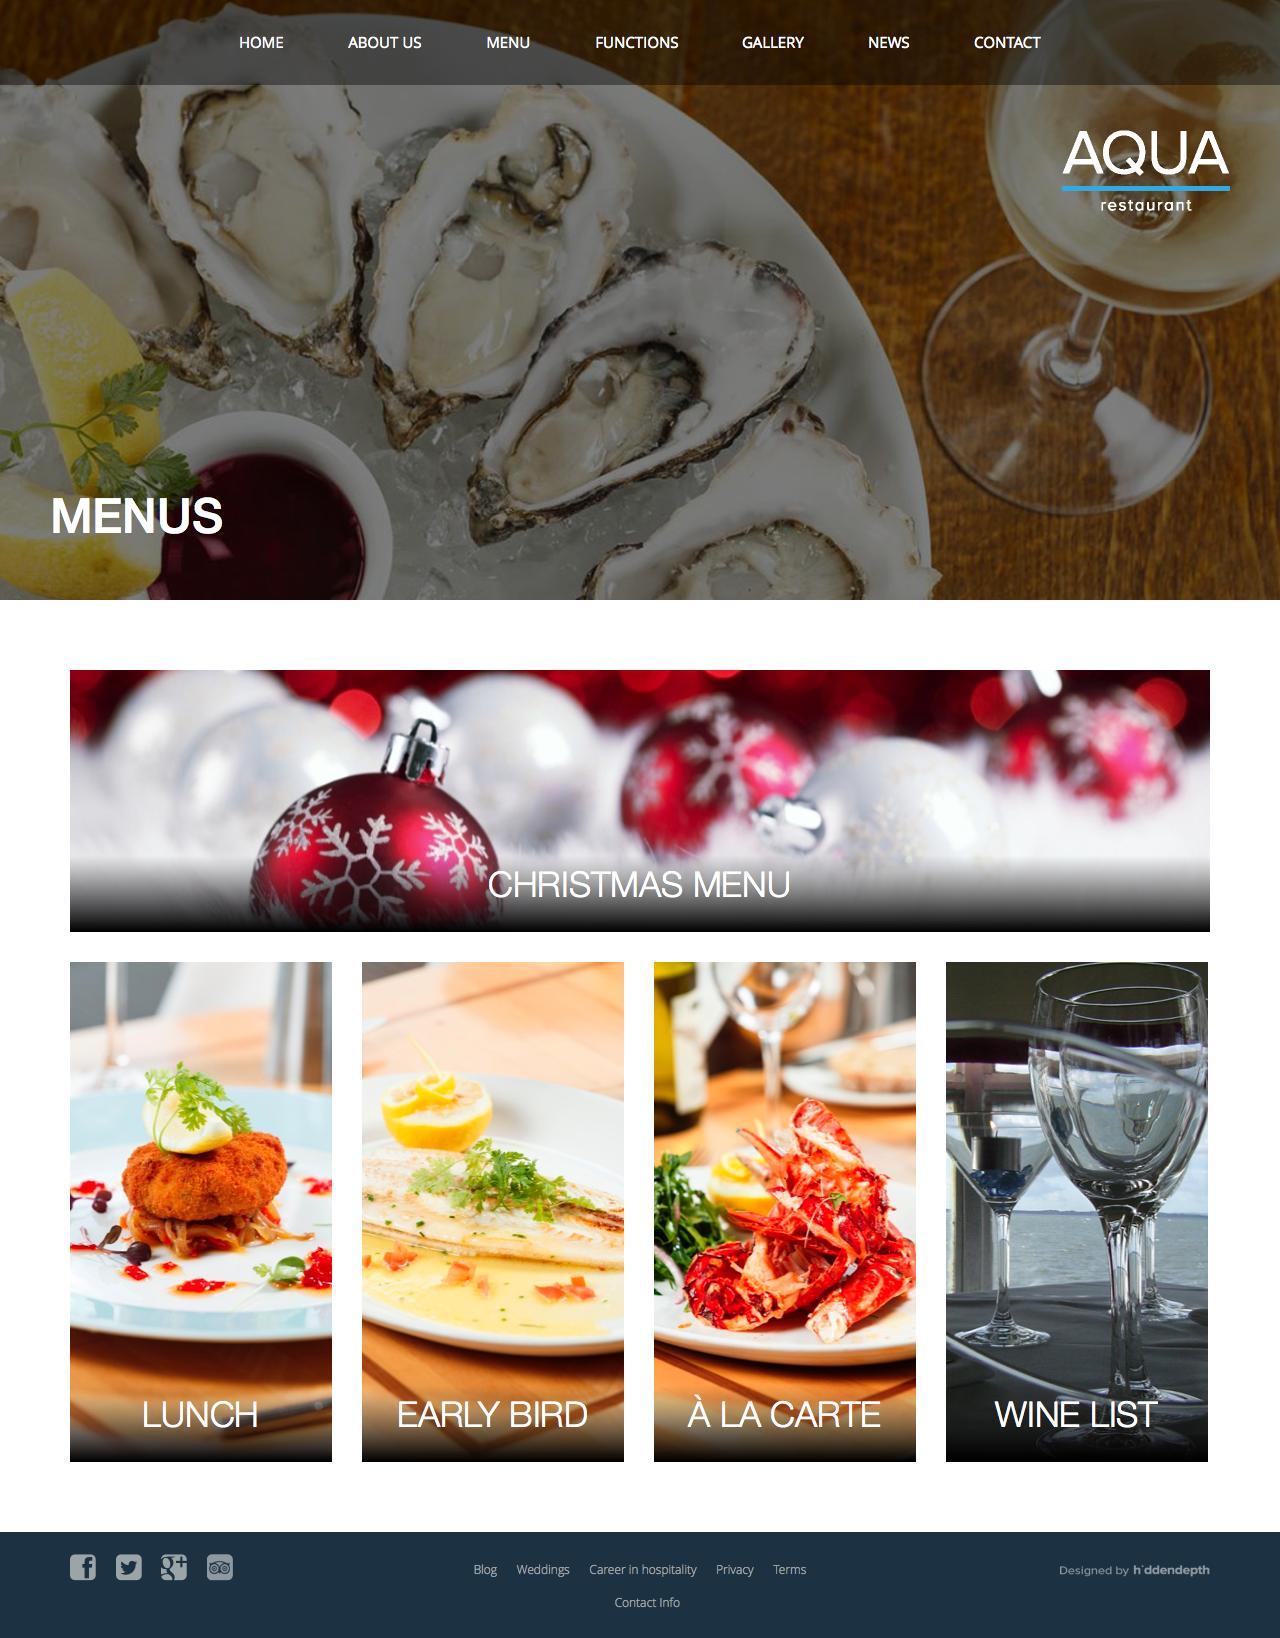 Screenshot of aqua.ie - Menus - Aqua Restaurant - captured Oct. 4, 2014